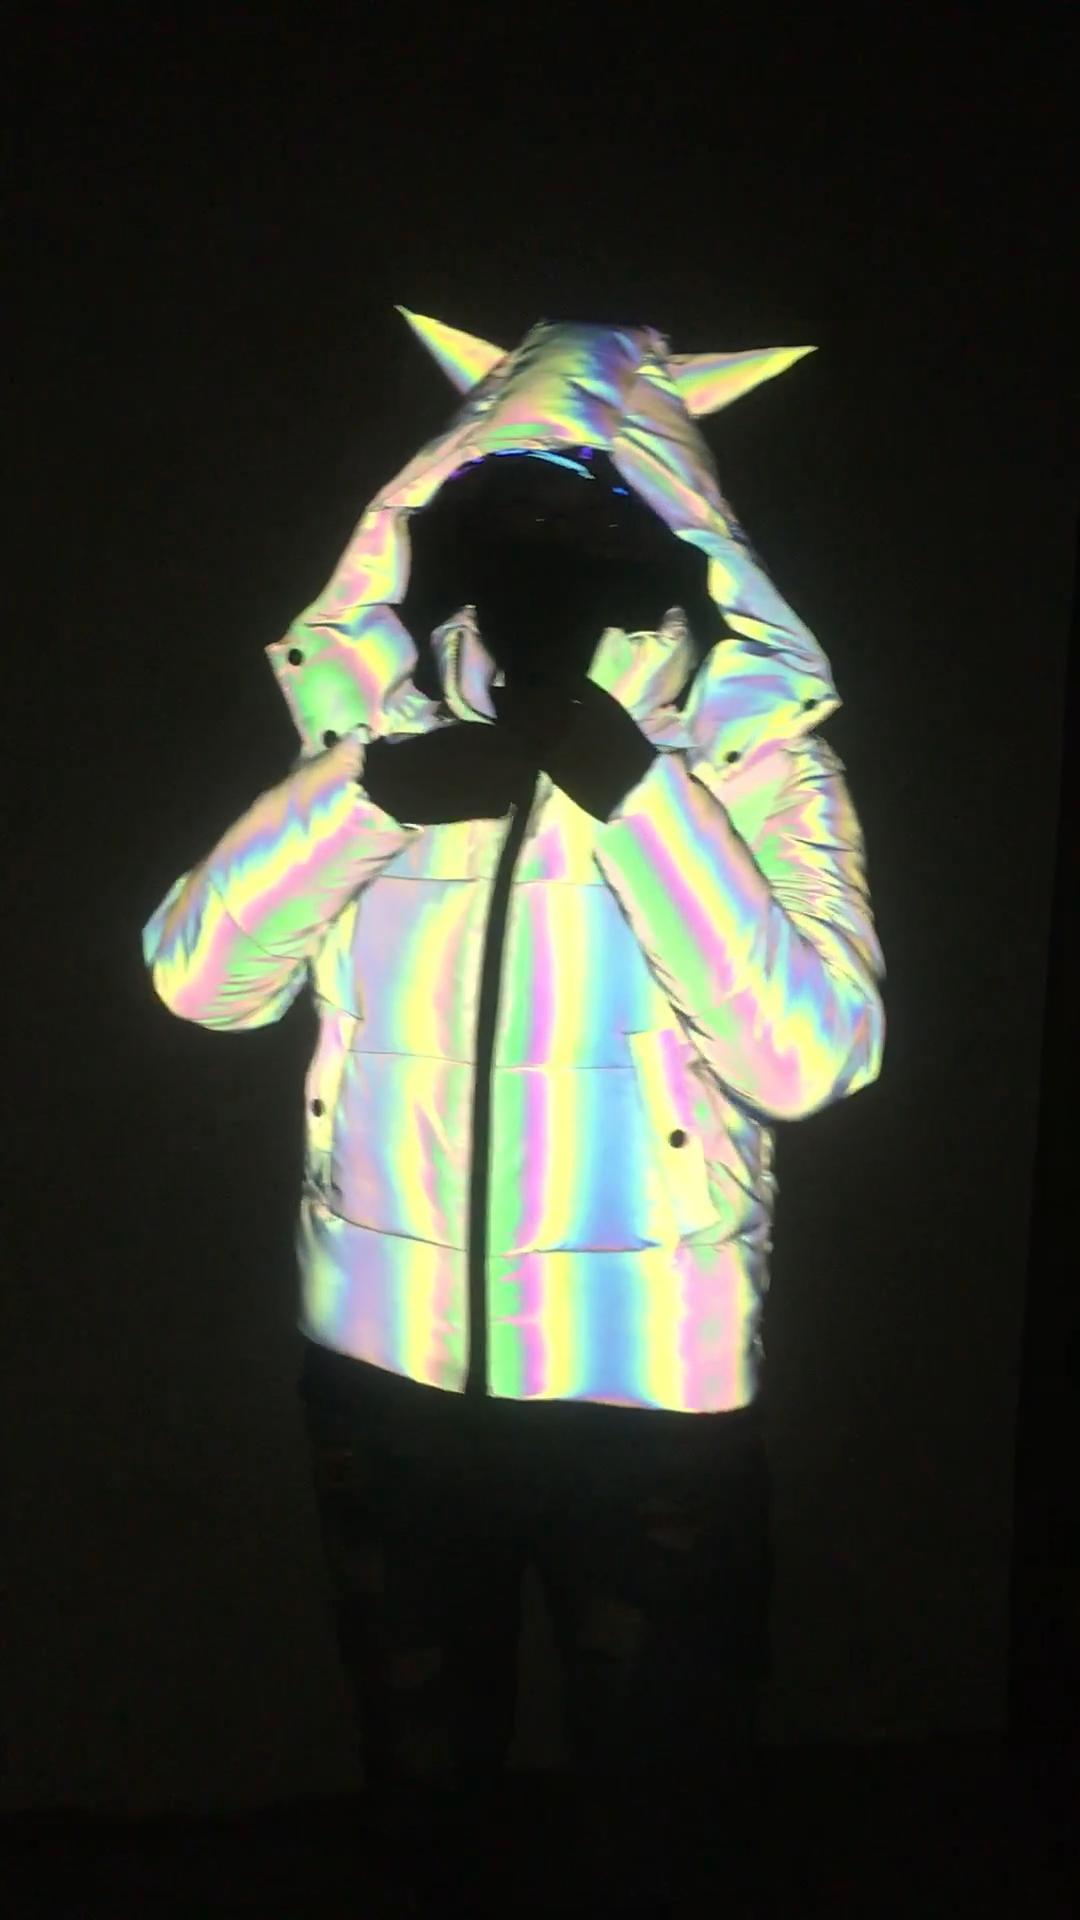 नई फैशन के लिए अनुकूलित गर्म बॉम्बर कोट पुरुषों आउटडोर चिंतनशील जैकेट सर्दियों